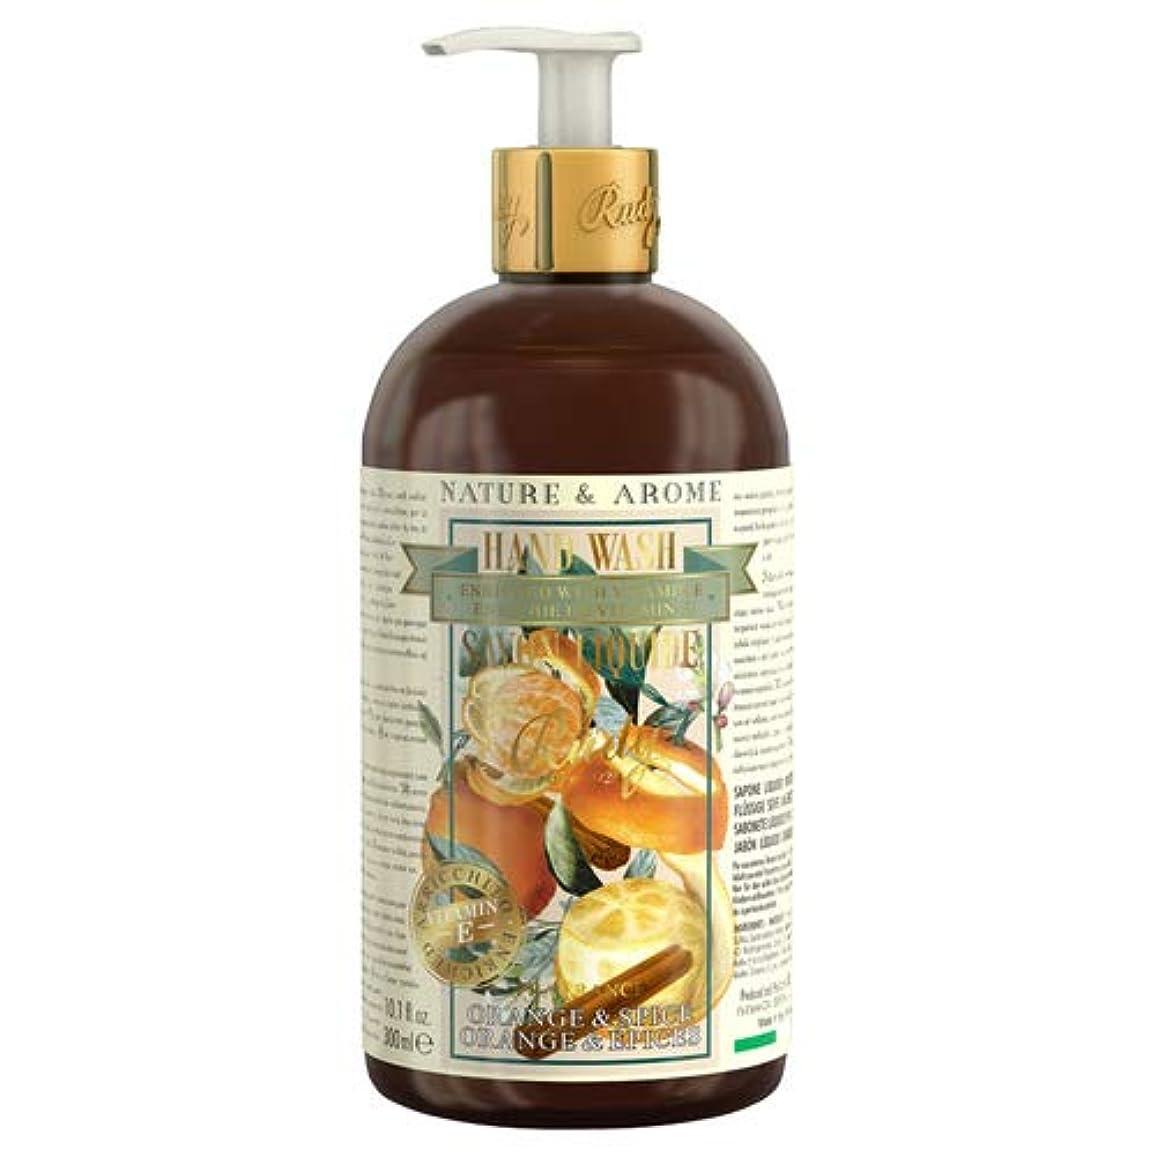 文言考慮ジャンプするルディ(Rudy) RUDY Nature&Arome Apothecary ネイチャーアロマ アポセカリー Hand Wash ハンドウォッシュ(ボディソープ) Orange & Spice オレンジ&スパイス